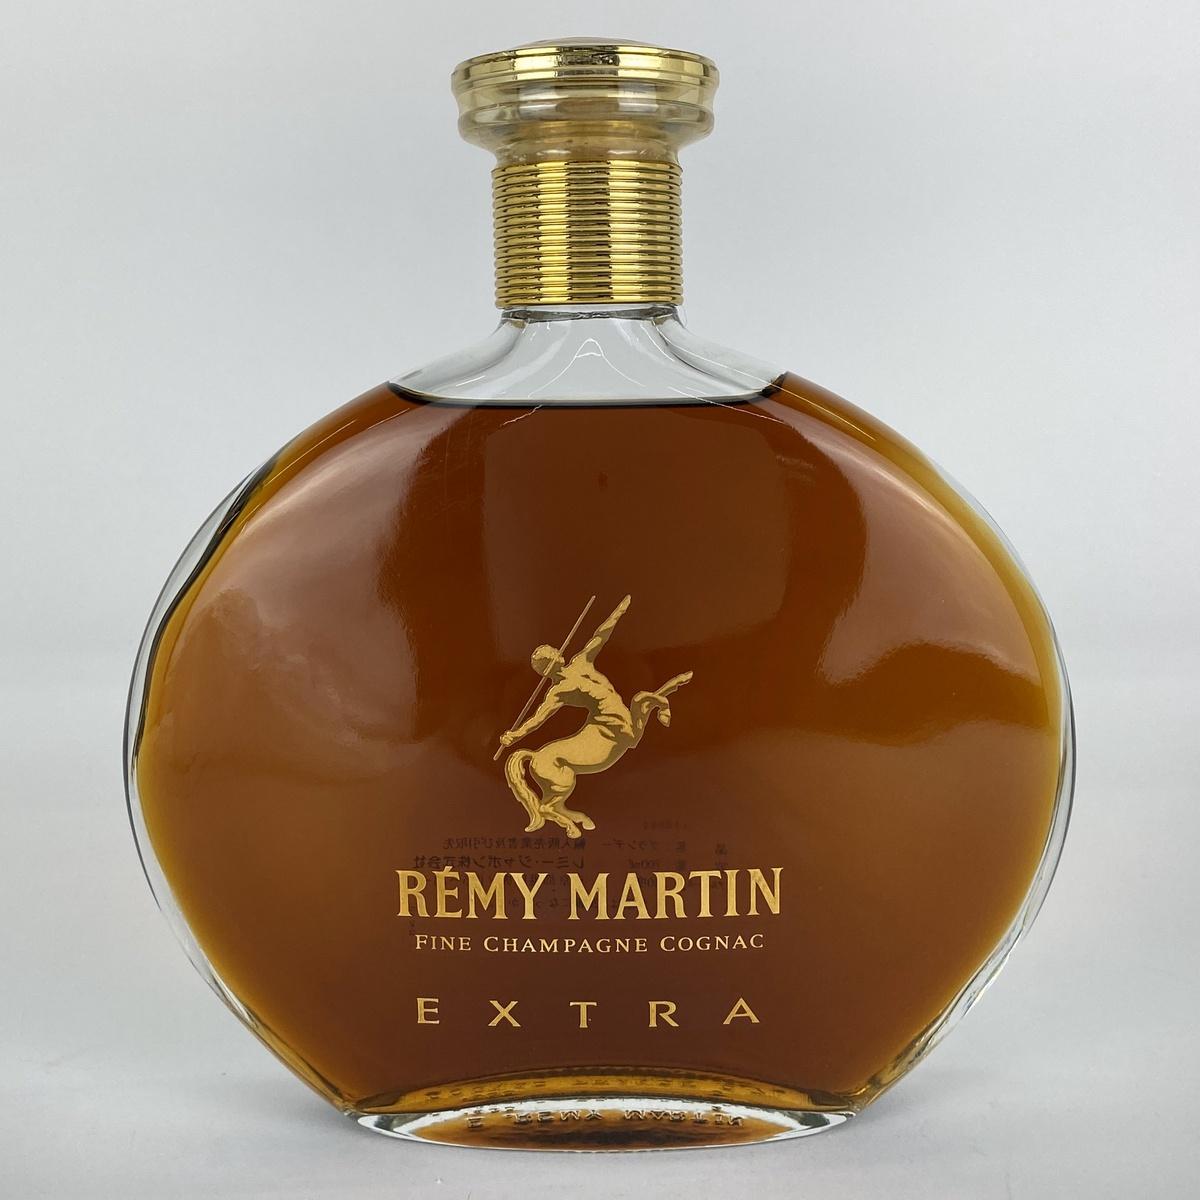 レミーマルタン REMY MARTIN クリアボトル 700ml ブランデー コニャック 【古酒】